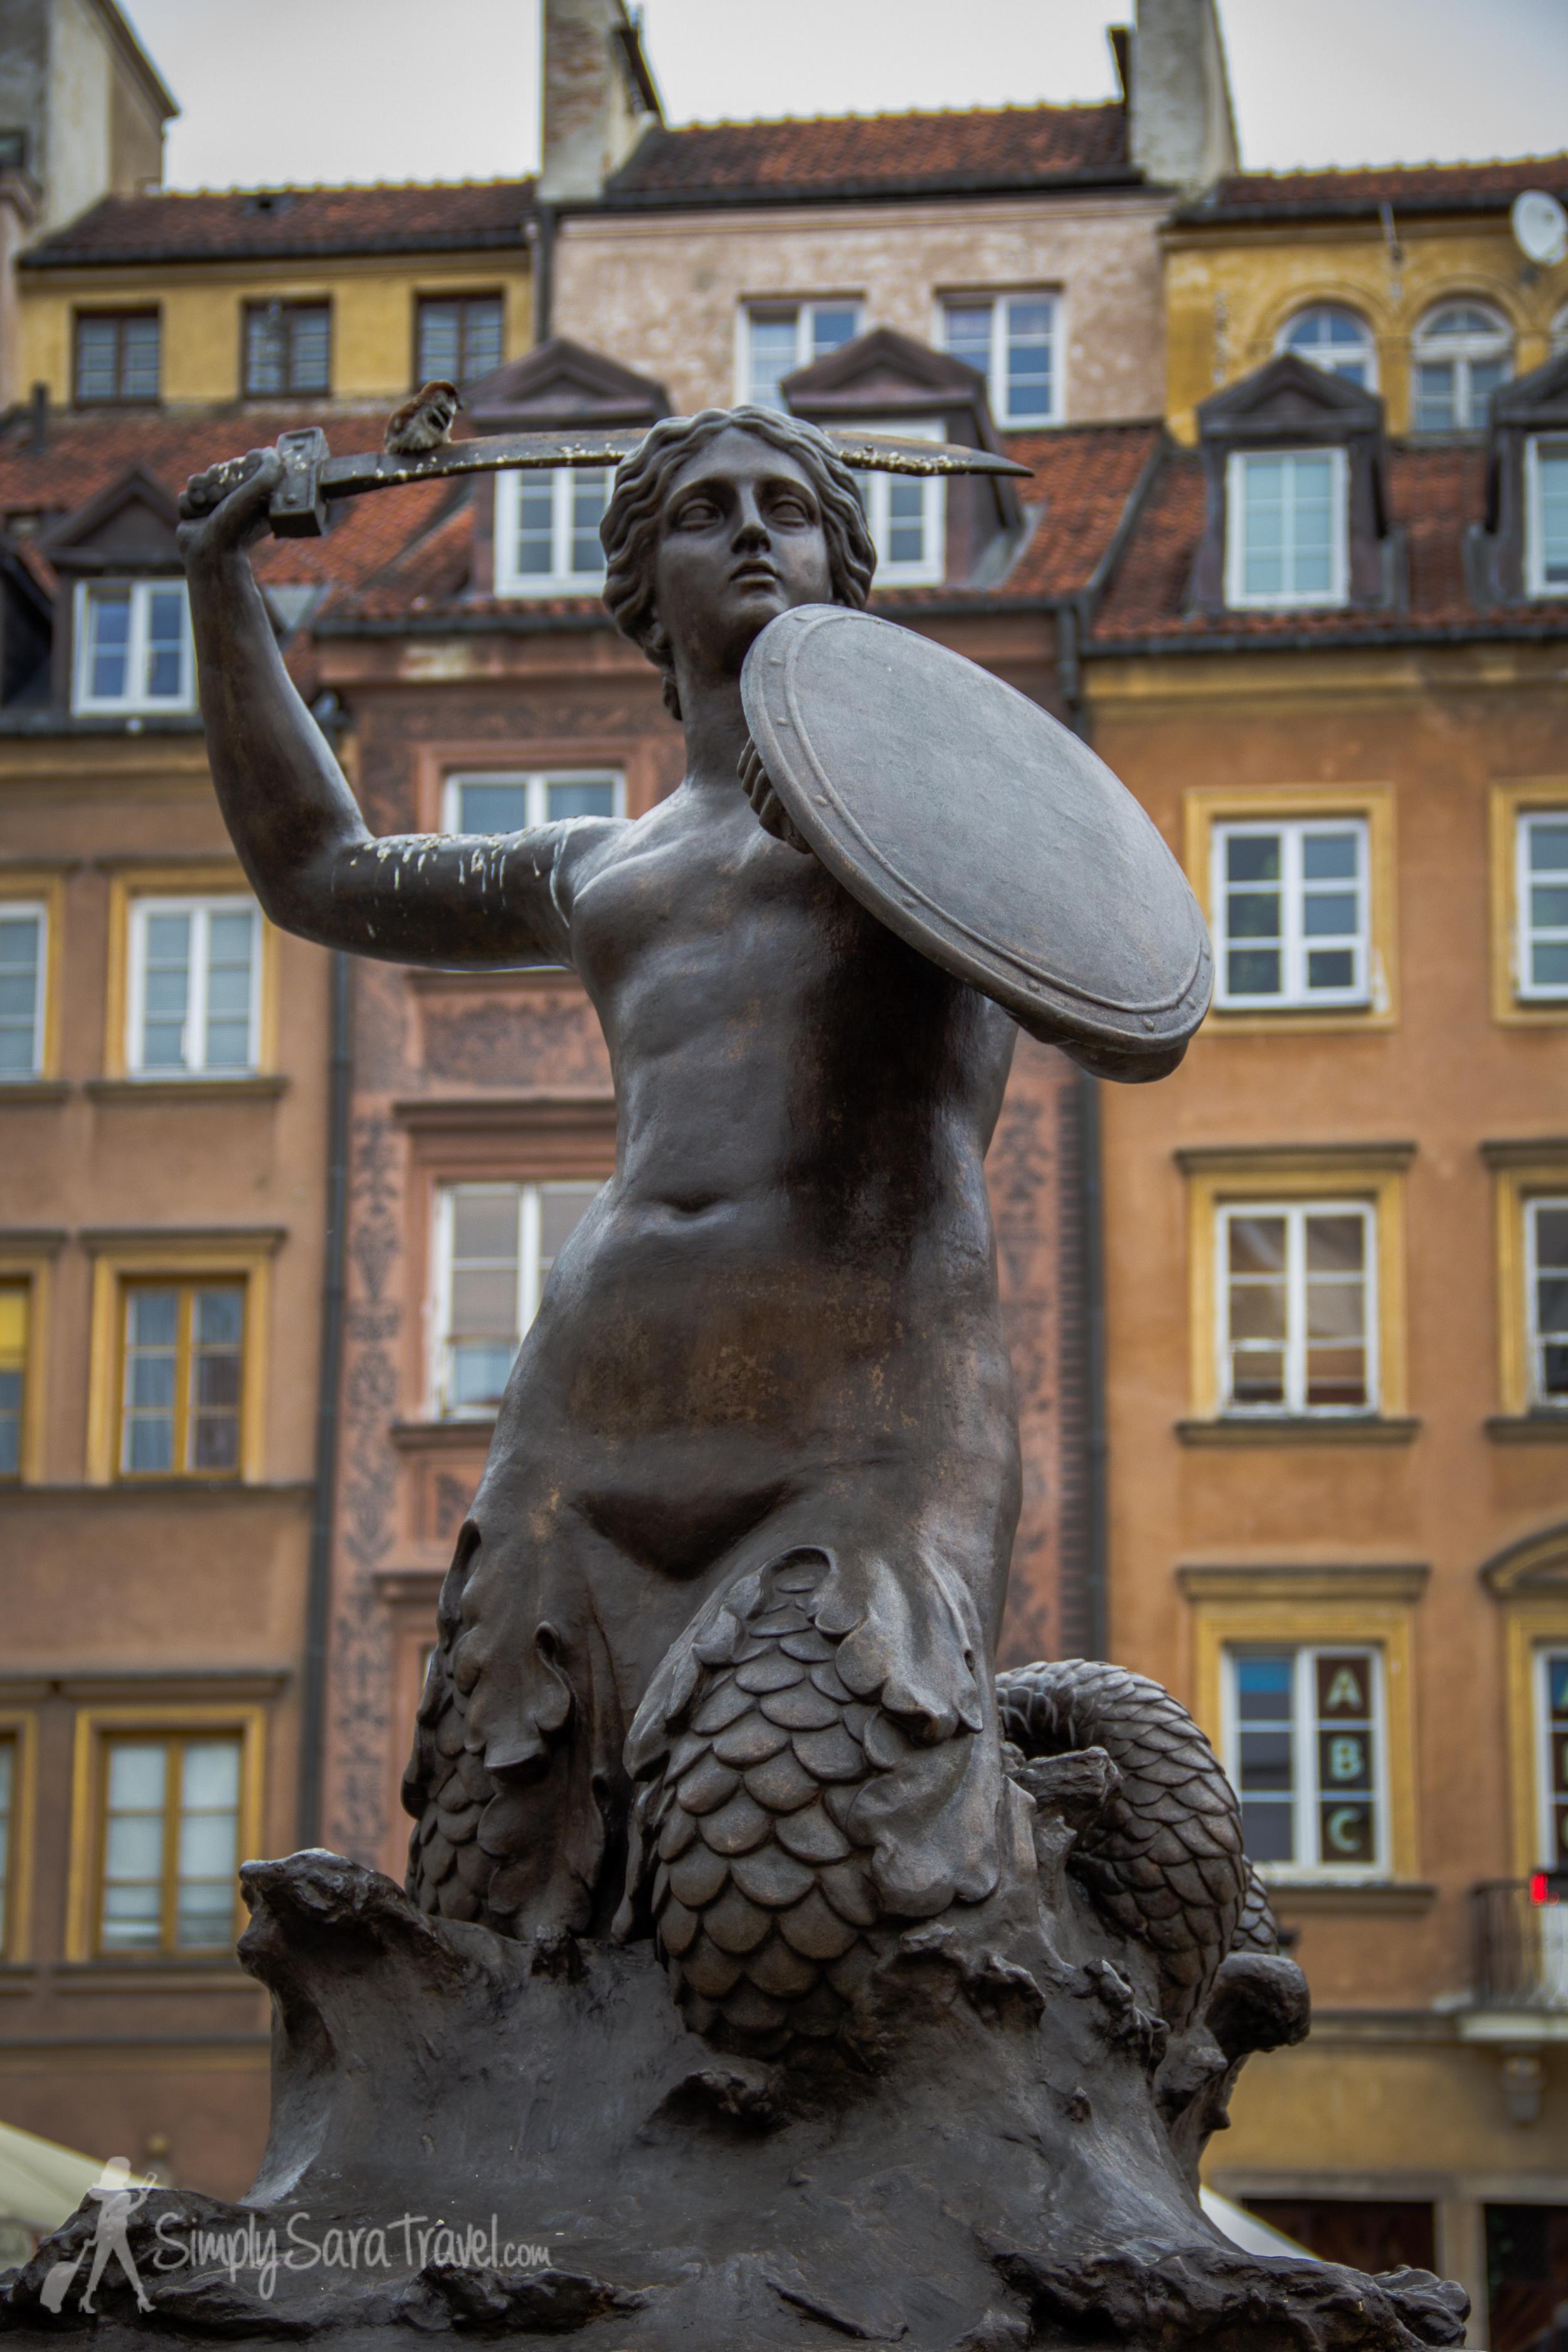 The symbol of Warsaw, a fierce mermaid